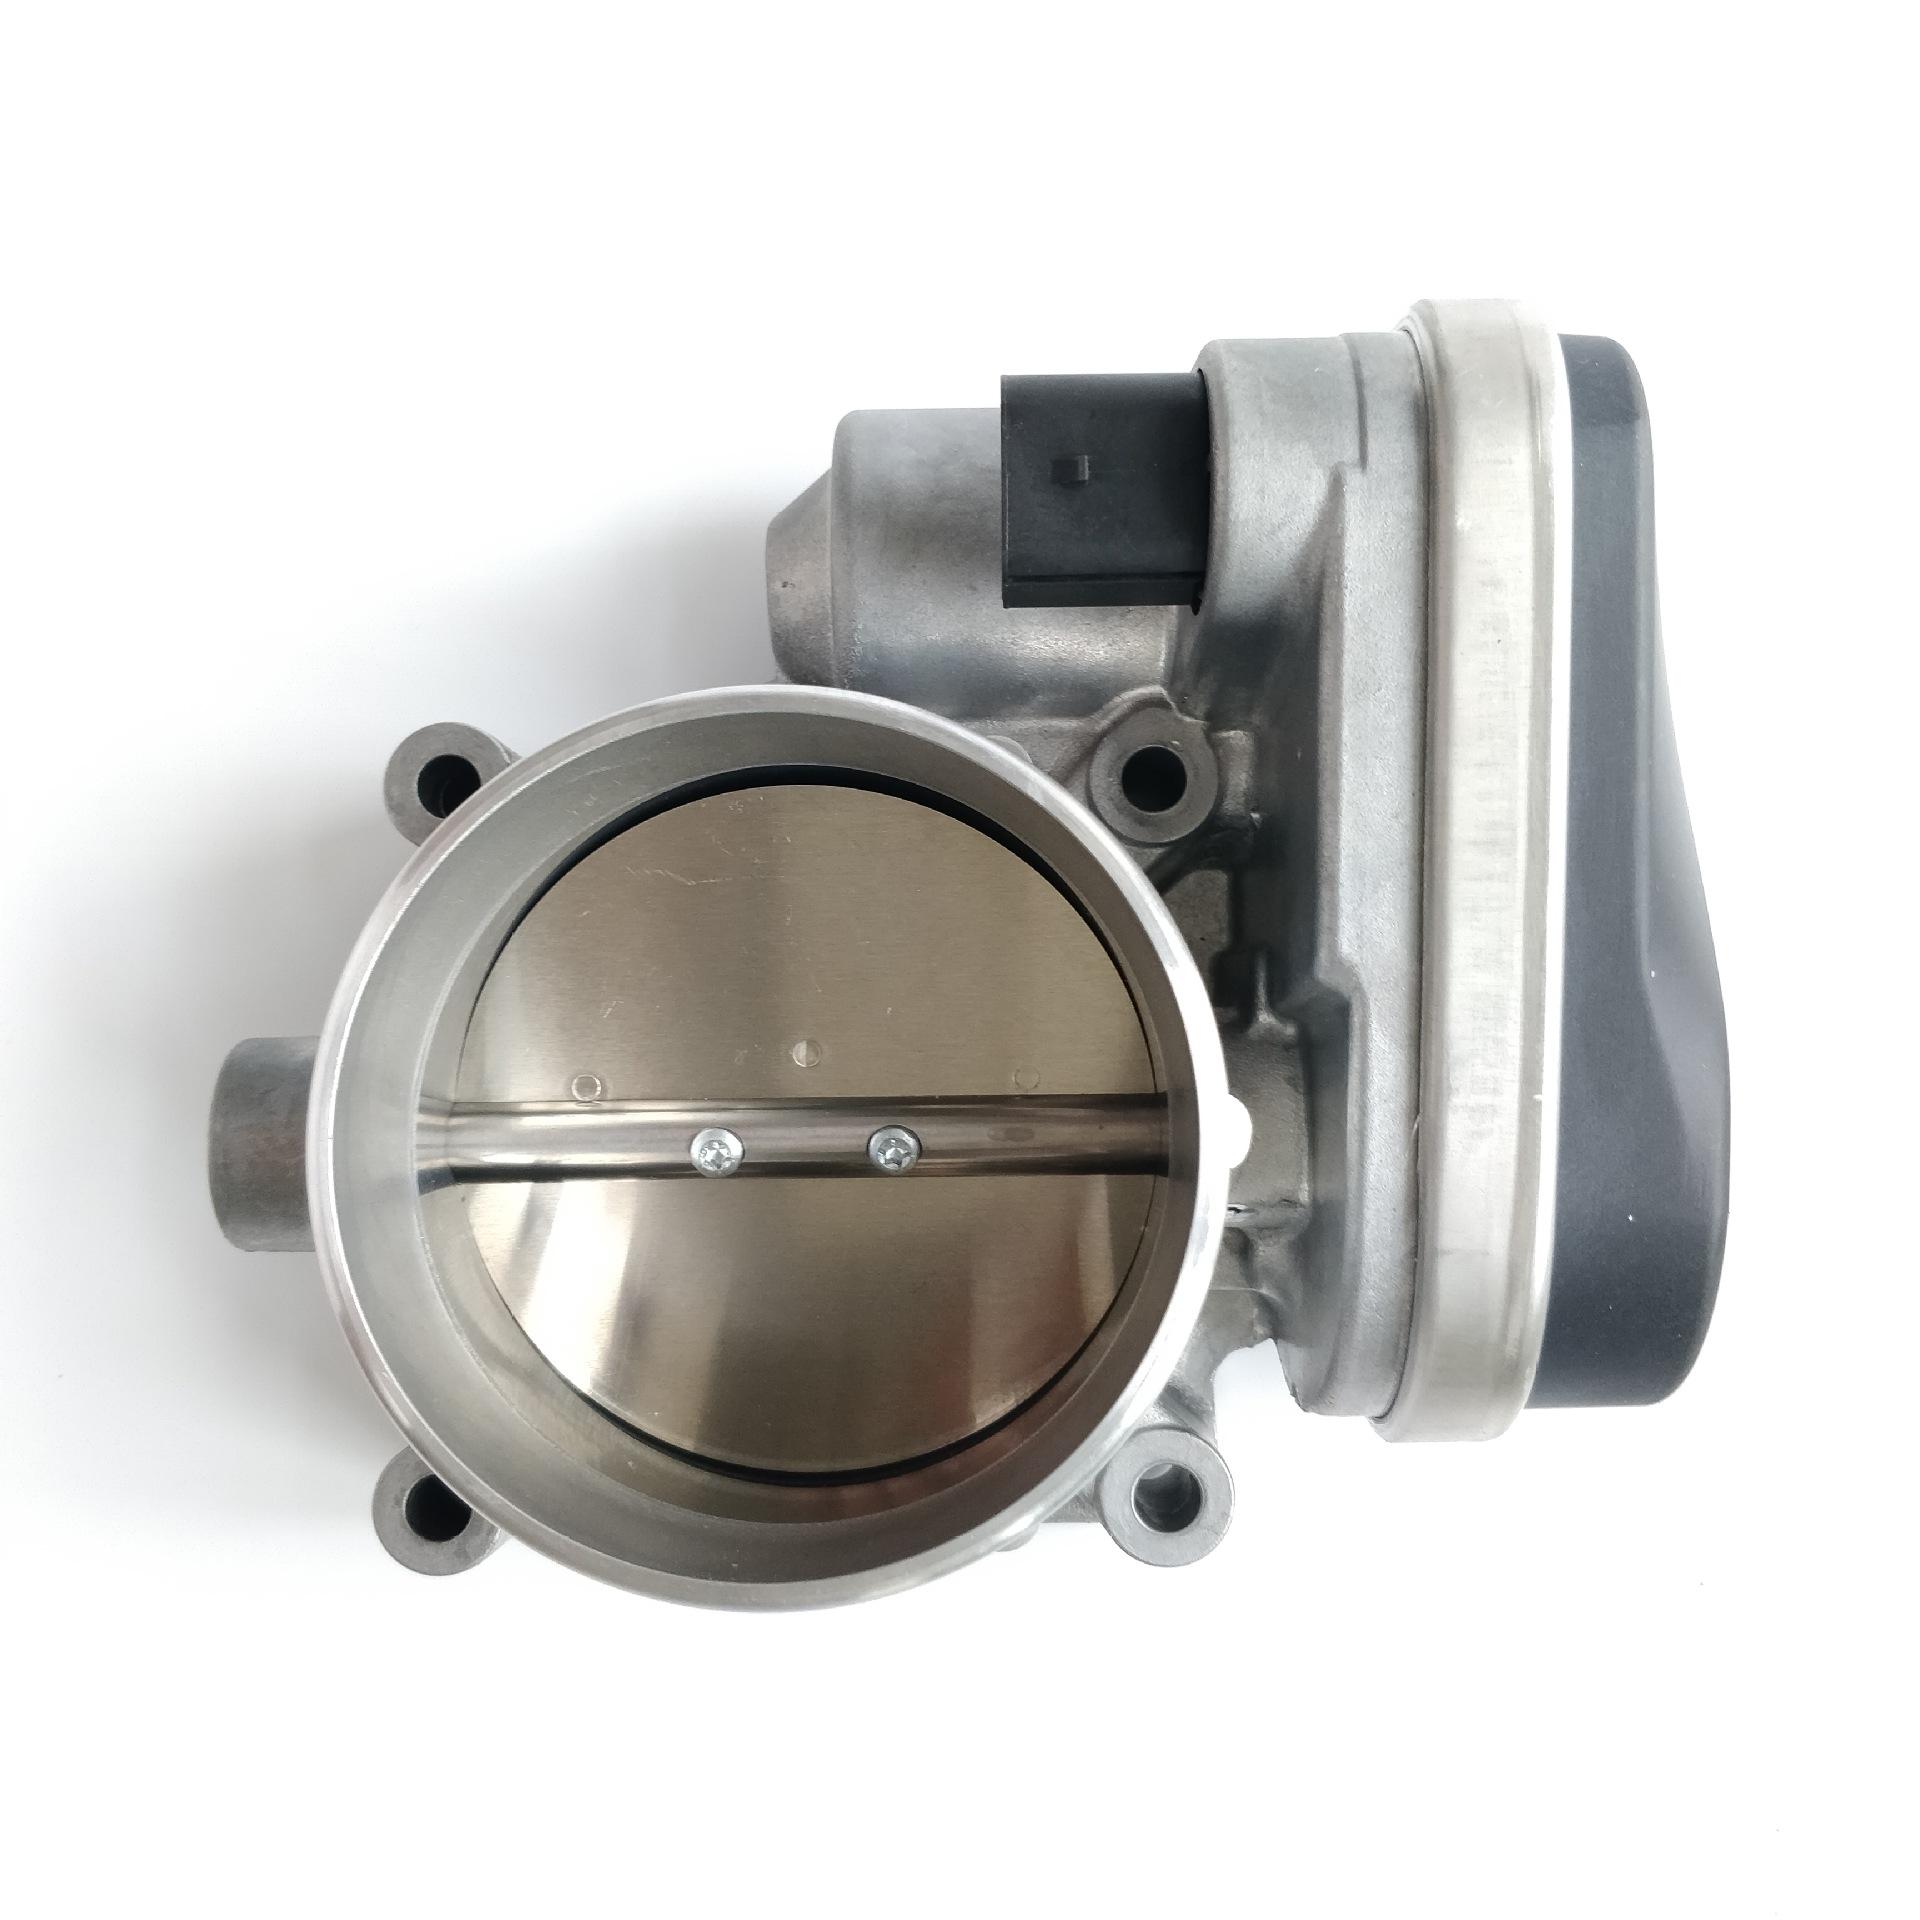 节气门体适用05-12 RAM皮卡DURANGO 5.7L 53032801AC A2C53255142